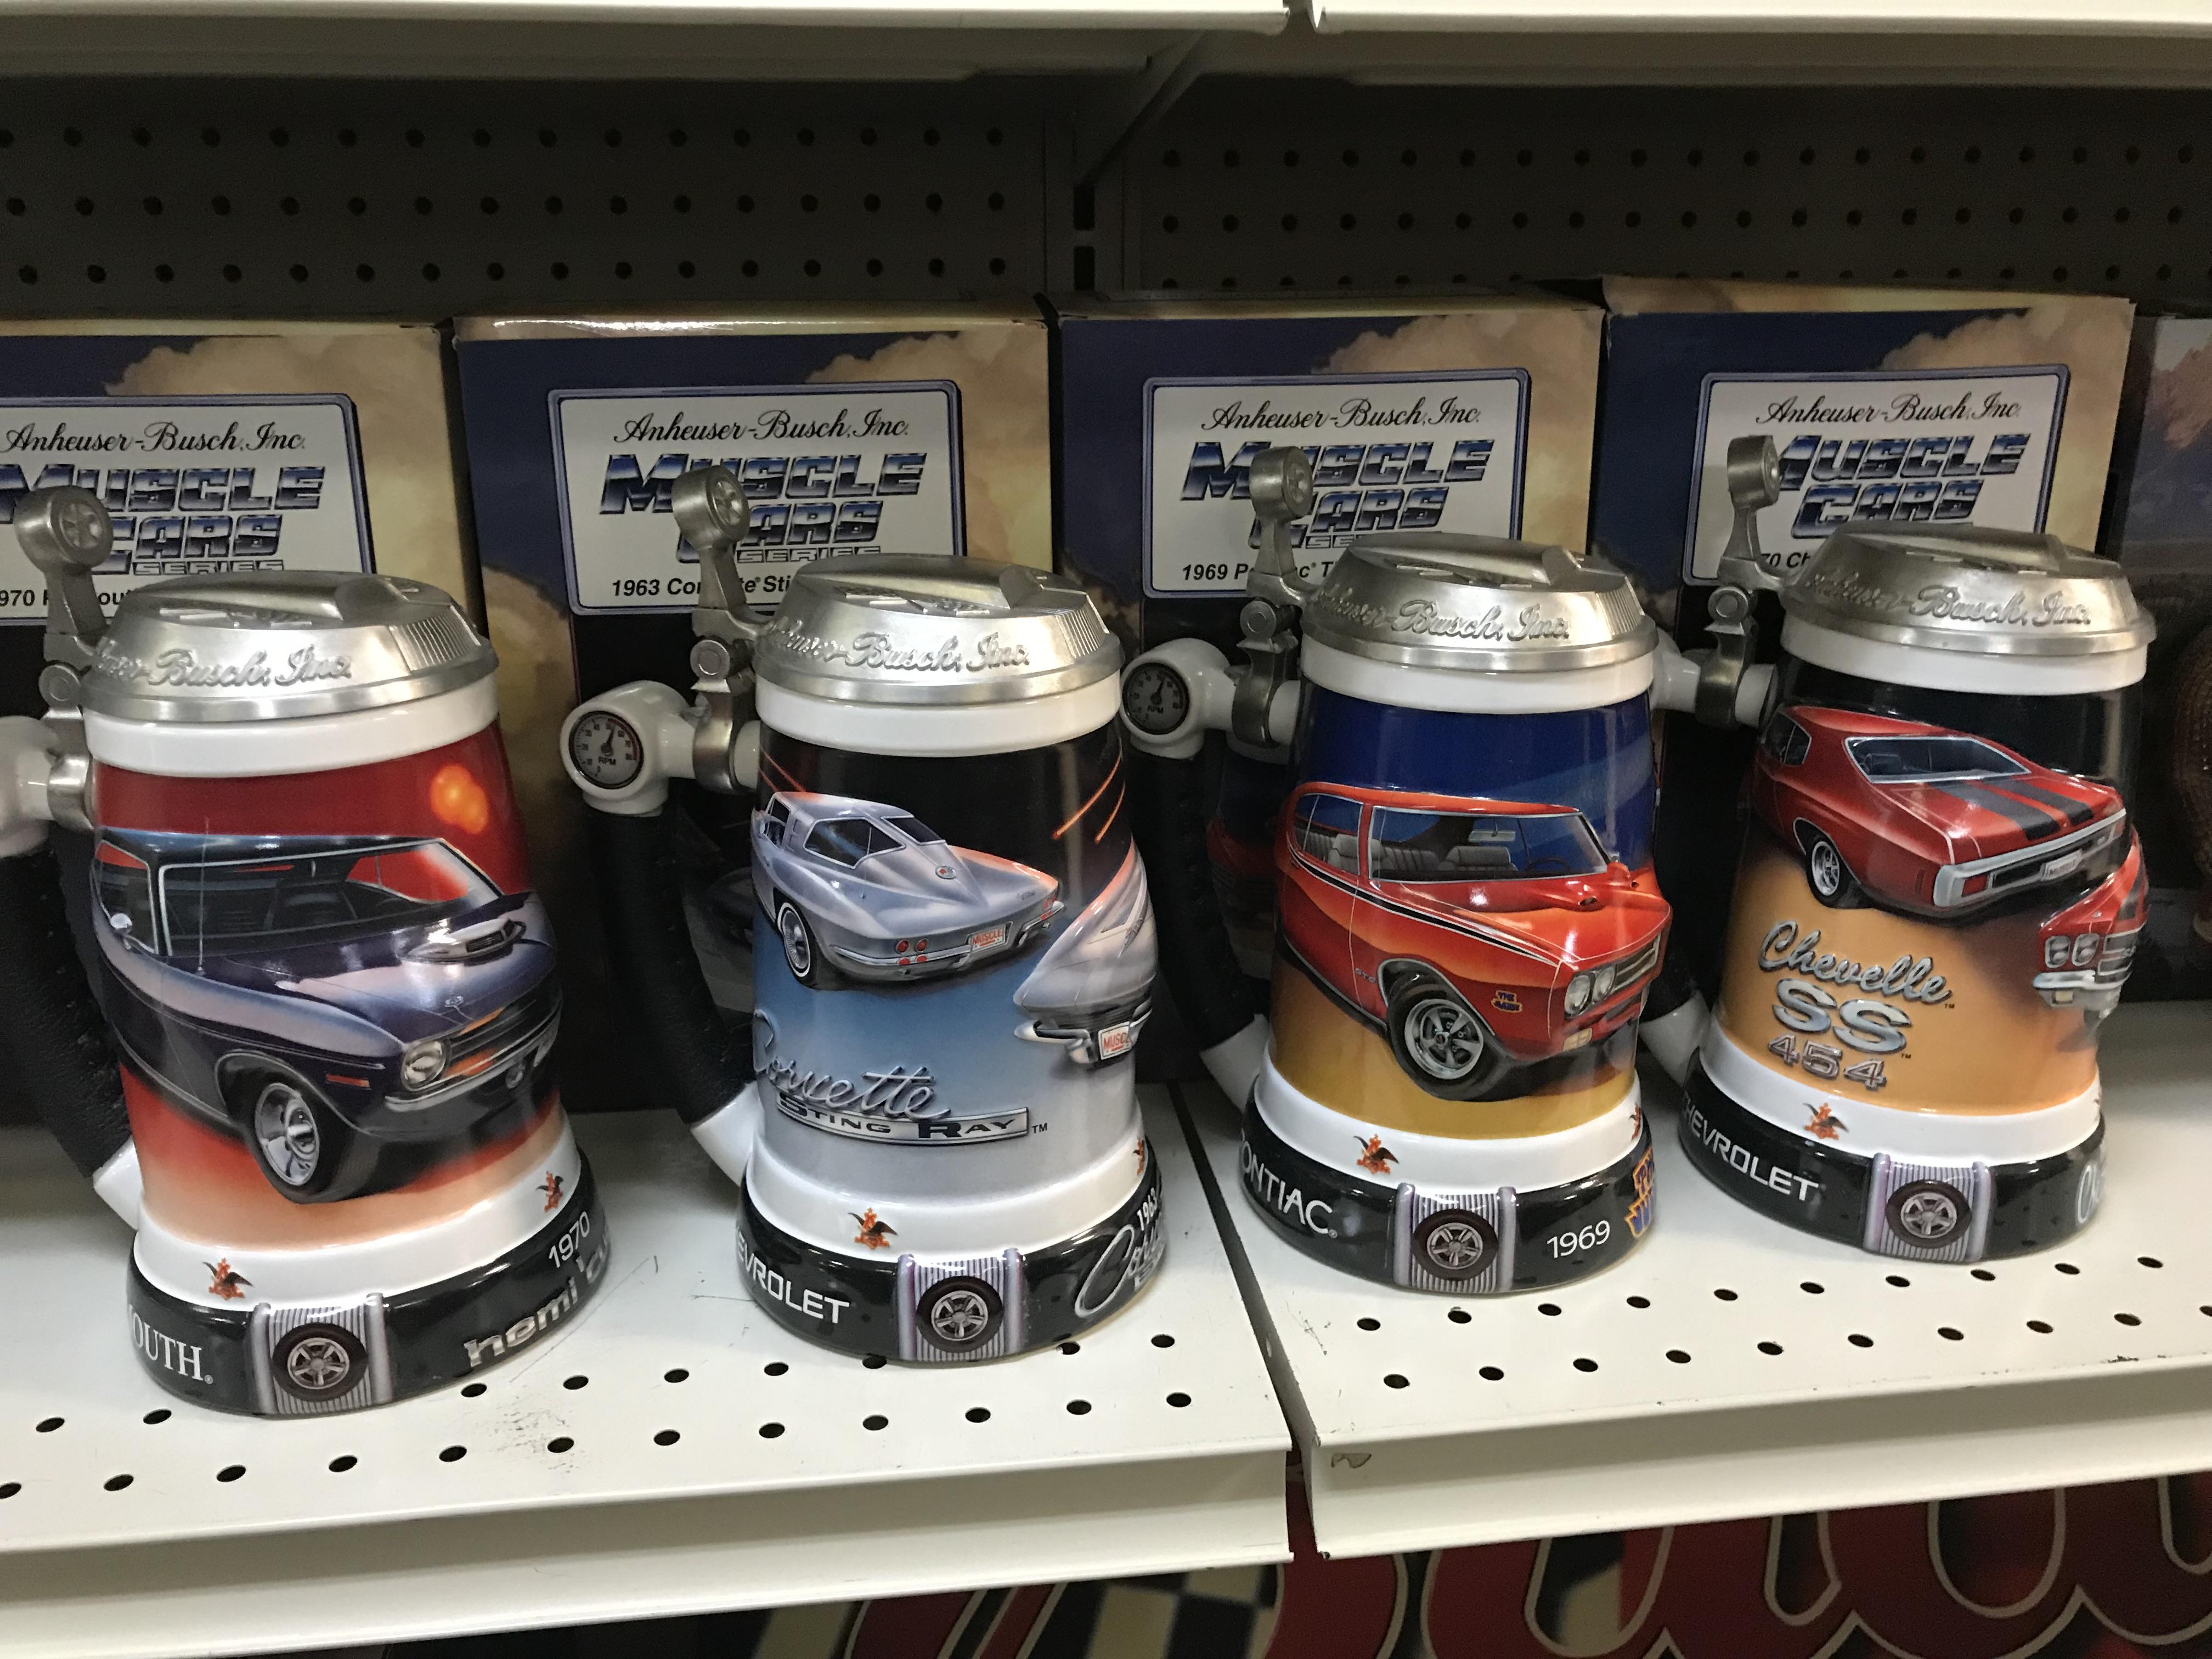 Budweiser-Muscle-Car-Series-Steins-w-Boxes.jpg